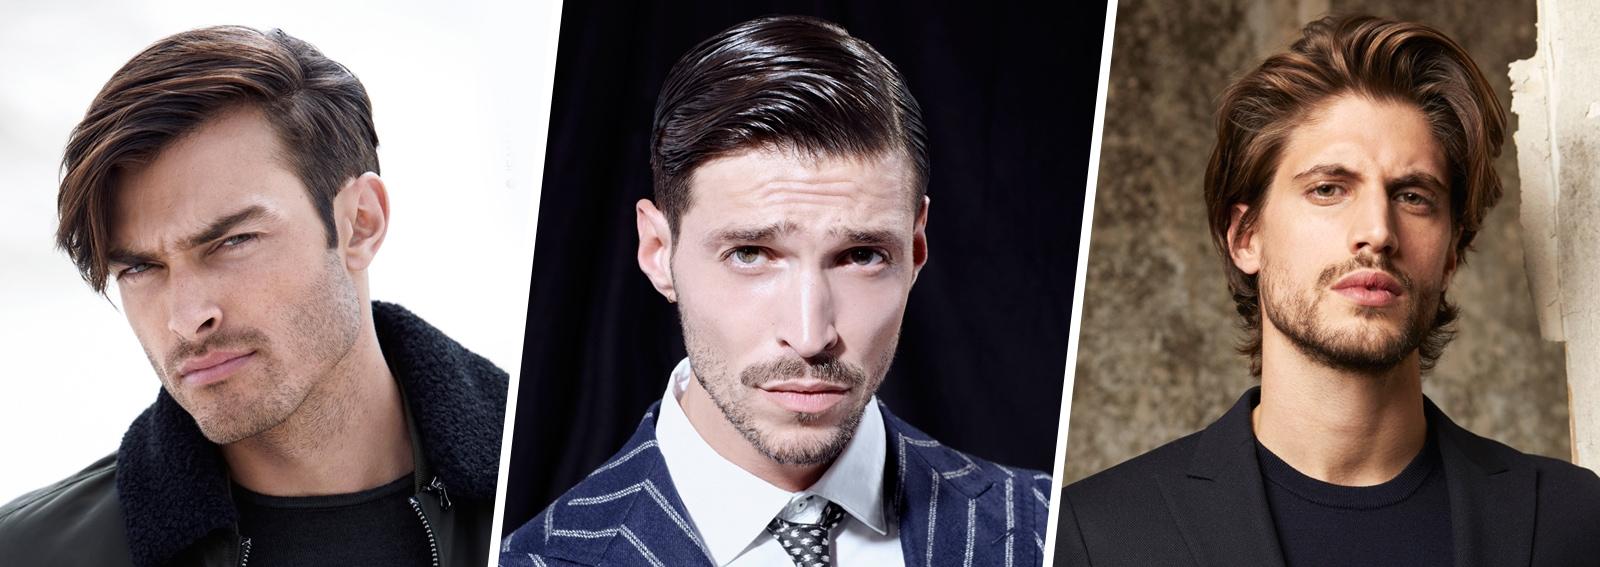 tagli di capelli uomo saloni autunno inverno 2019 2020 DESKTOP